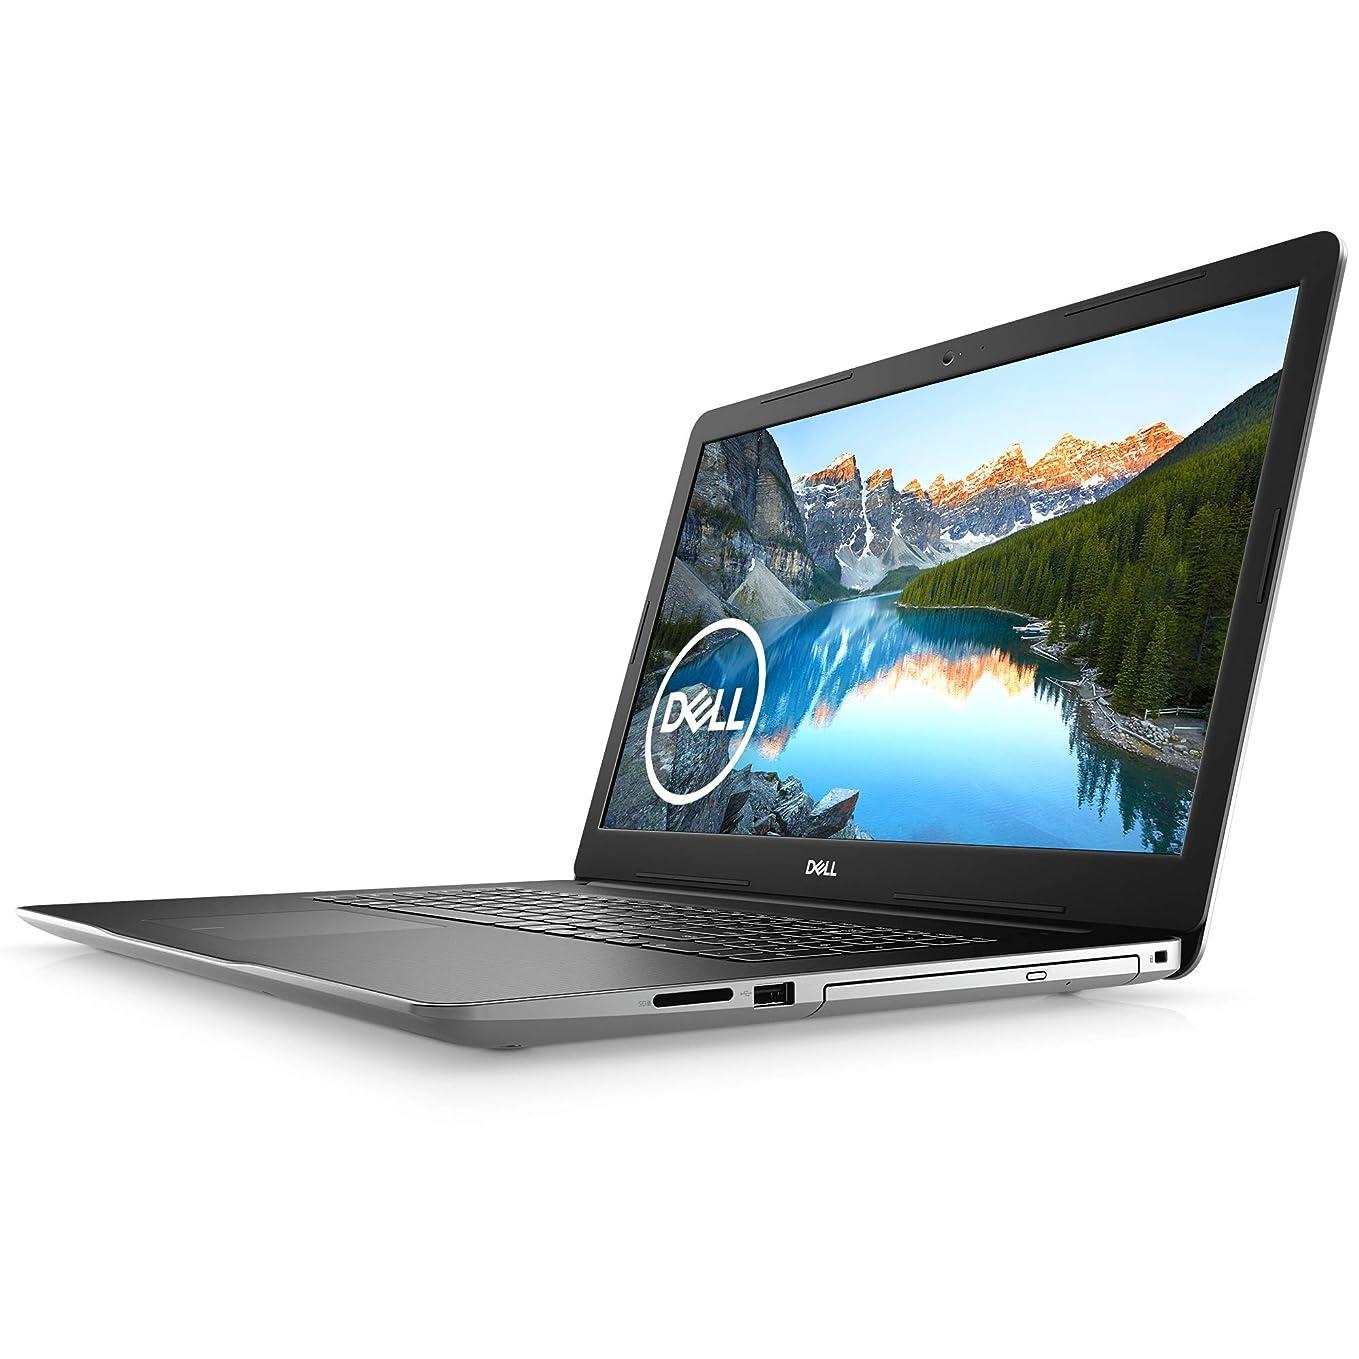 図光沢パネルASUS (エイスース) 15.6型ノートPC VivoBook S15 グレー S510UA-75GRS [Office付き?Win10 Home?Core i7]